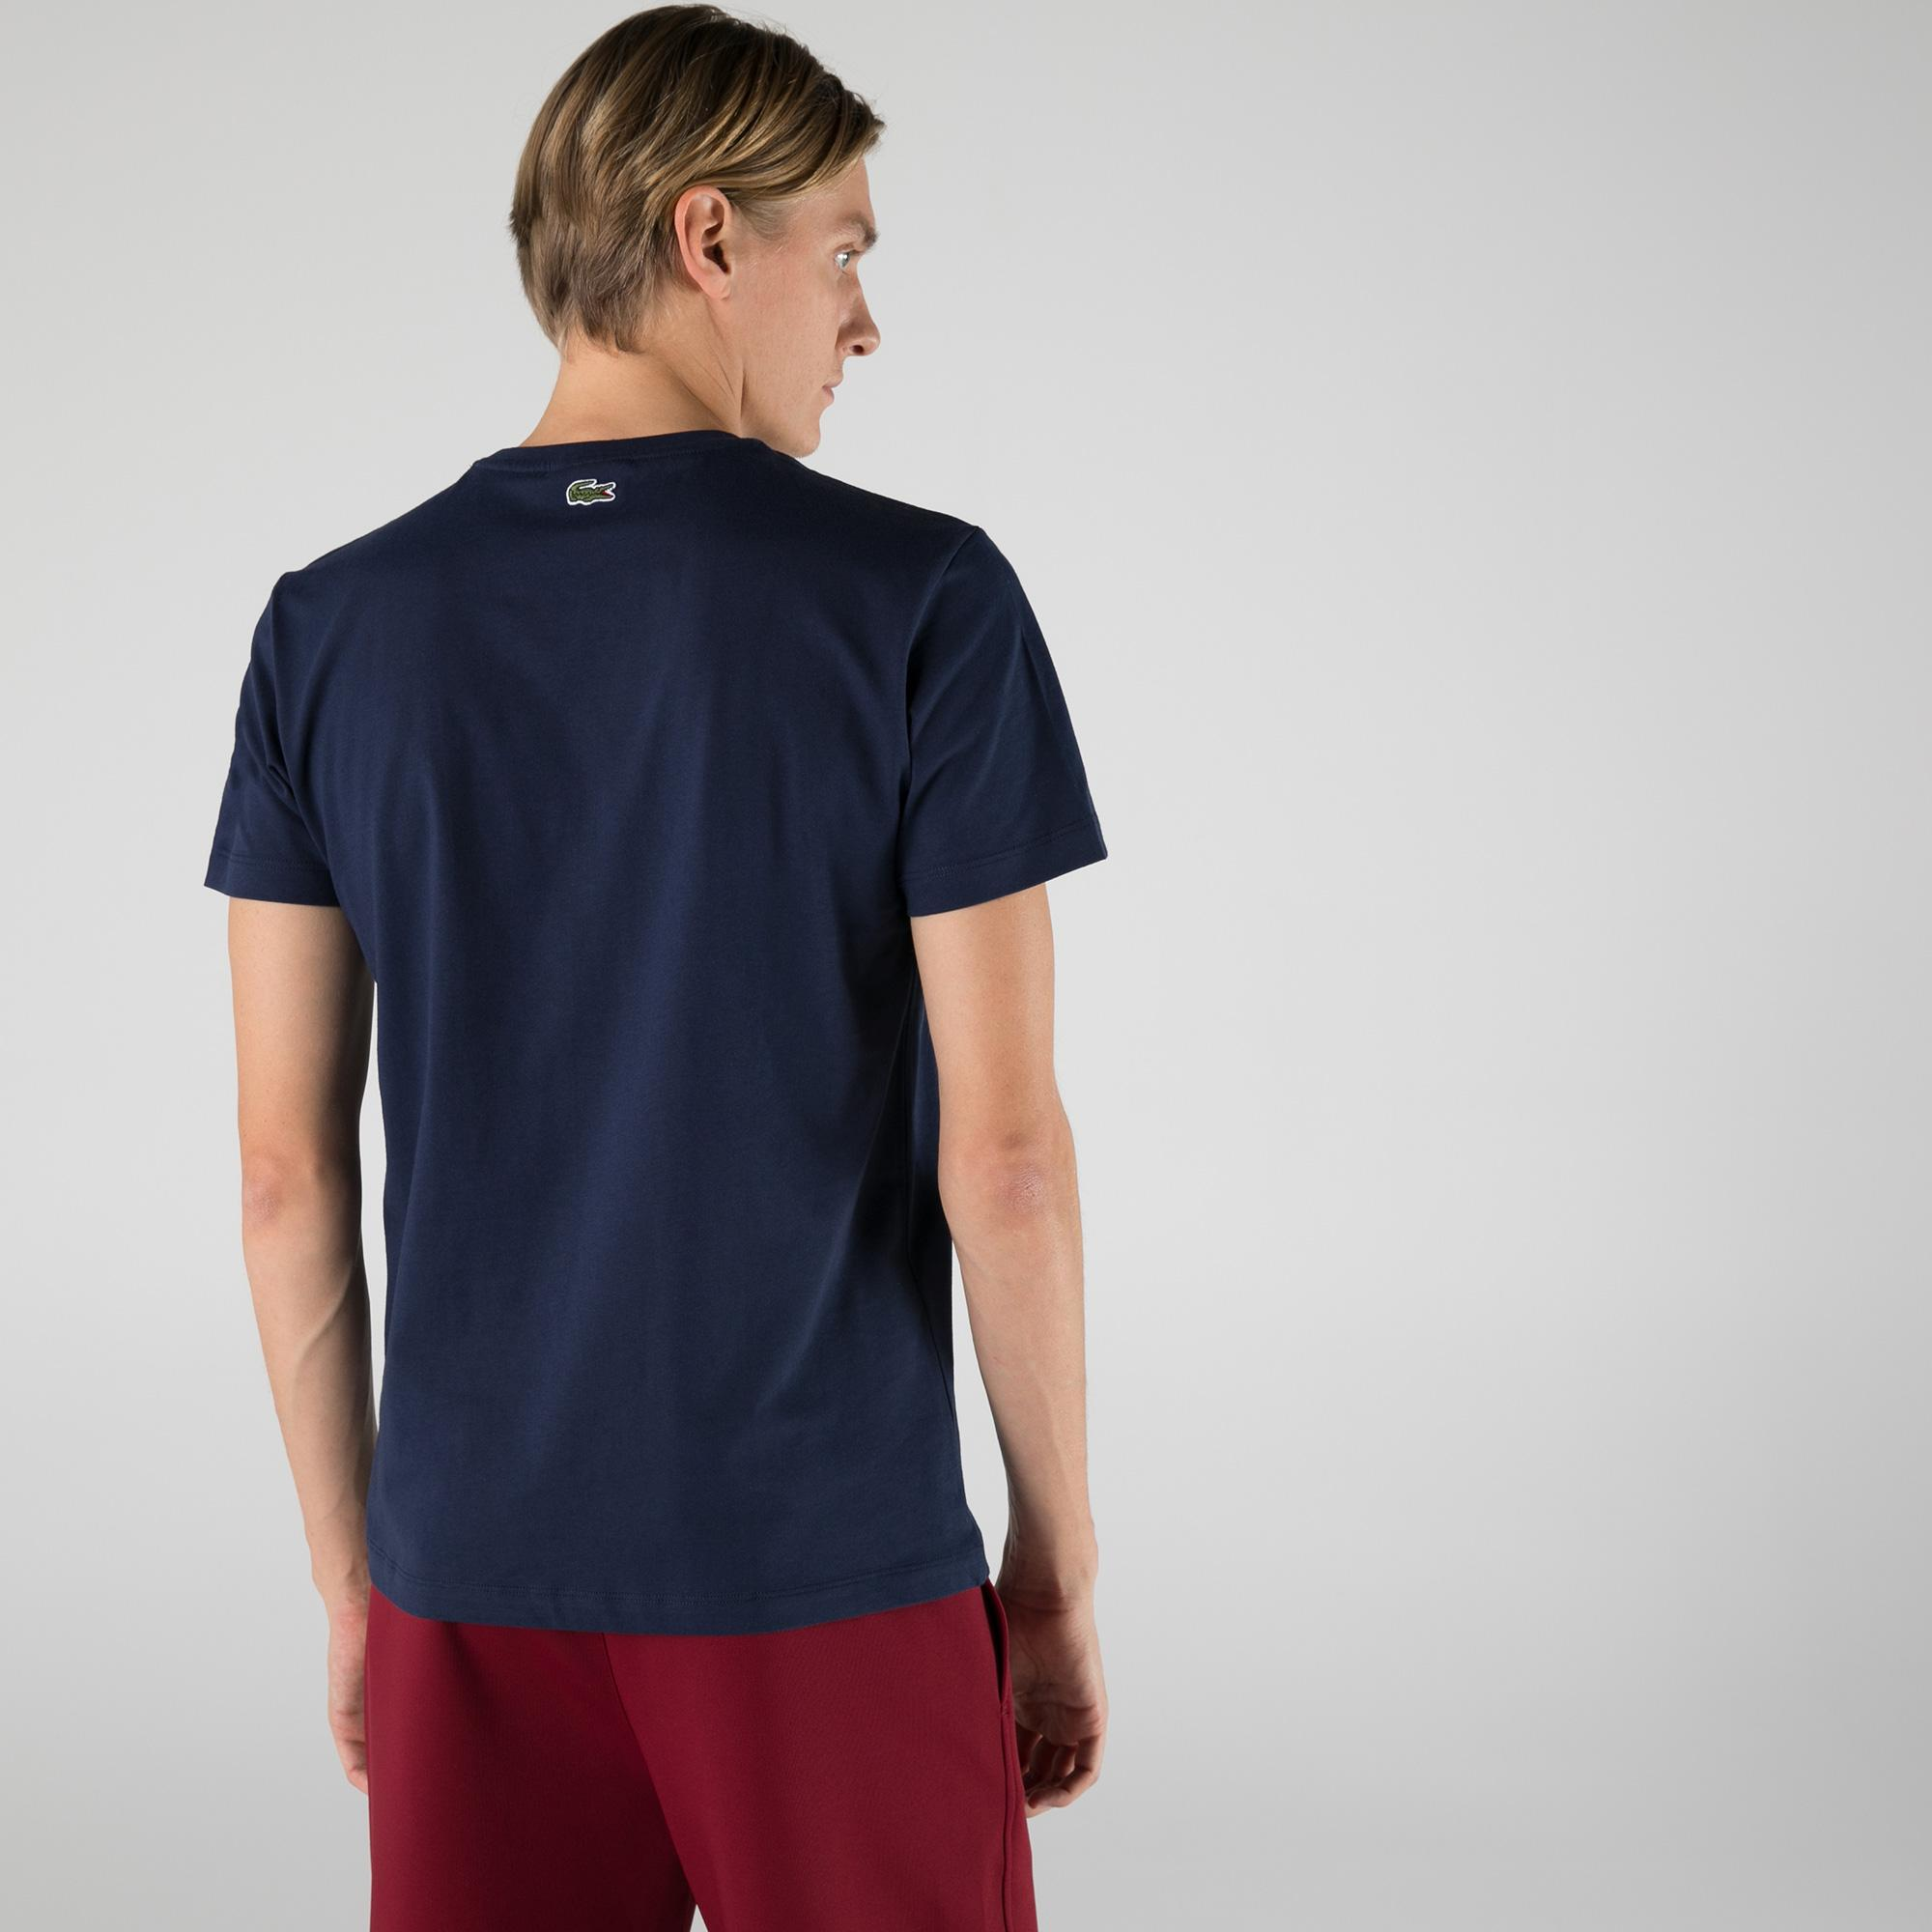 Lacoste Men's Print Logo Premium Cotton T-shirt